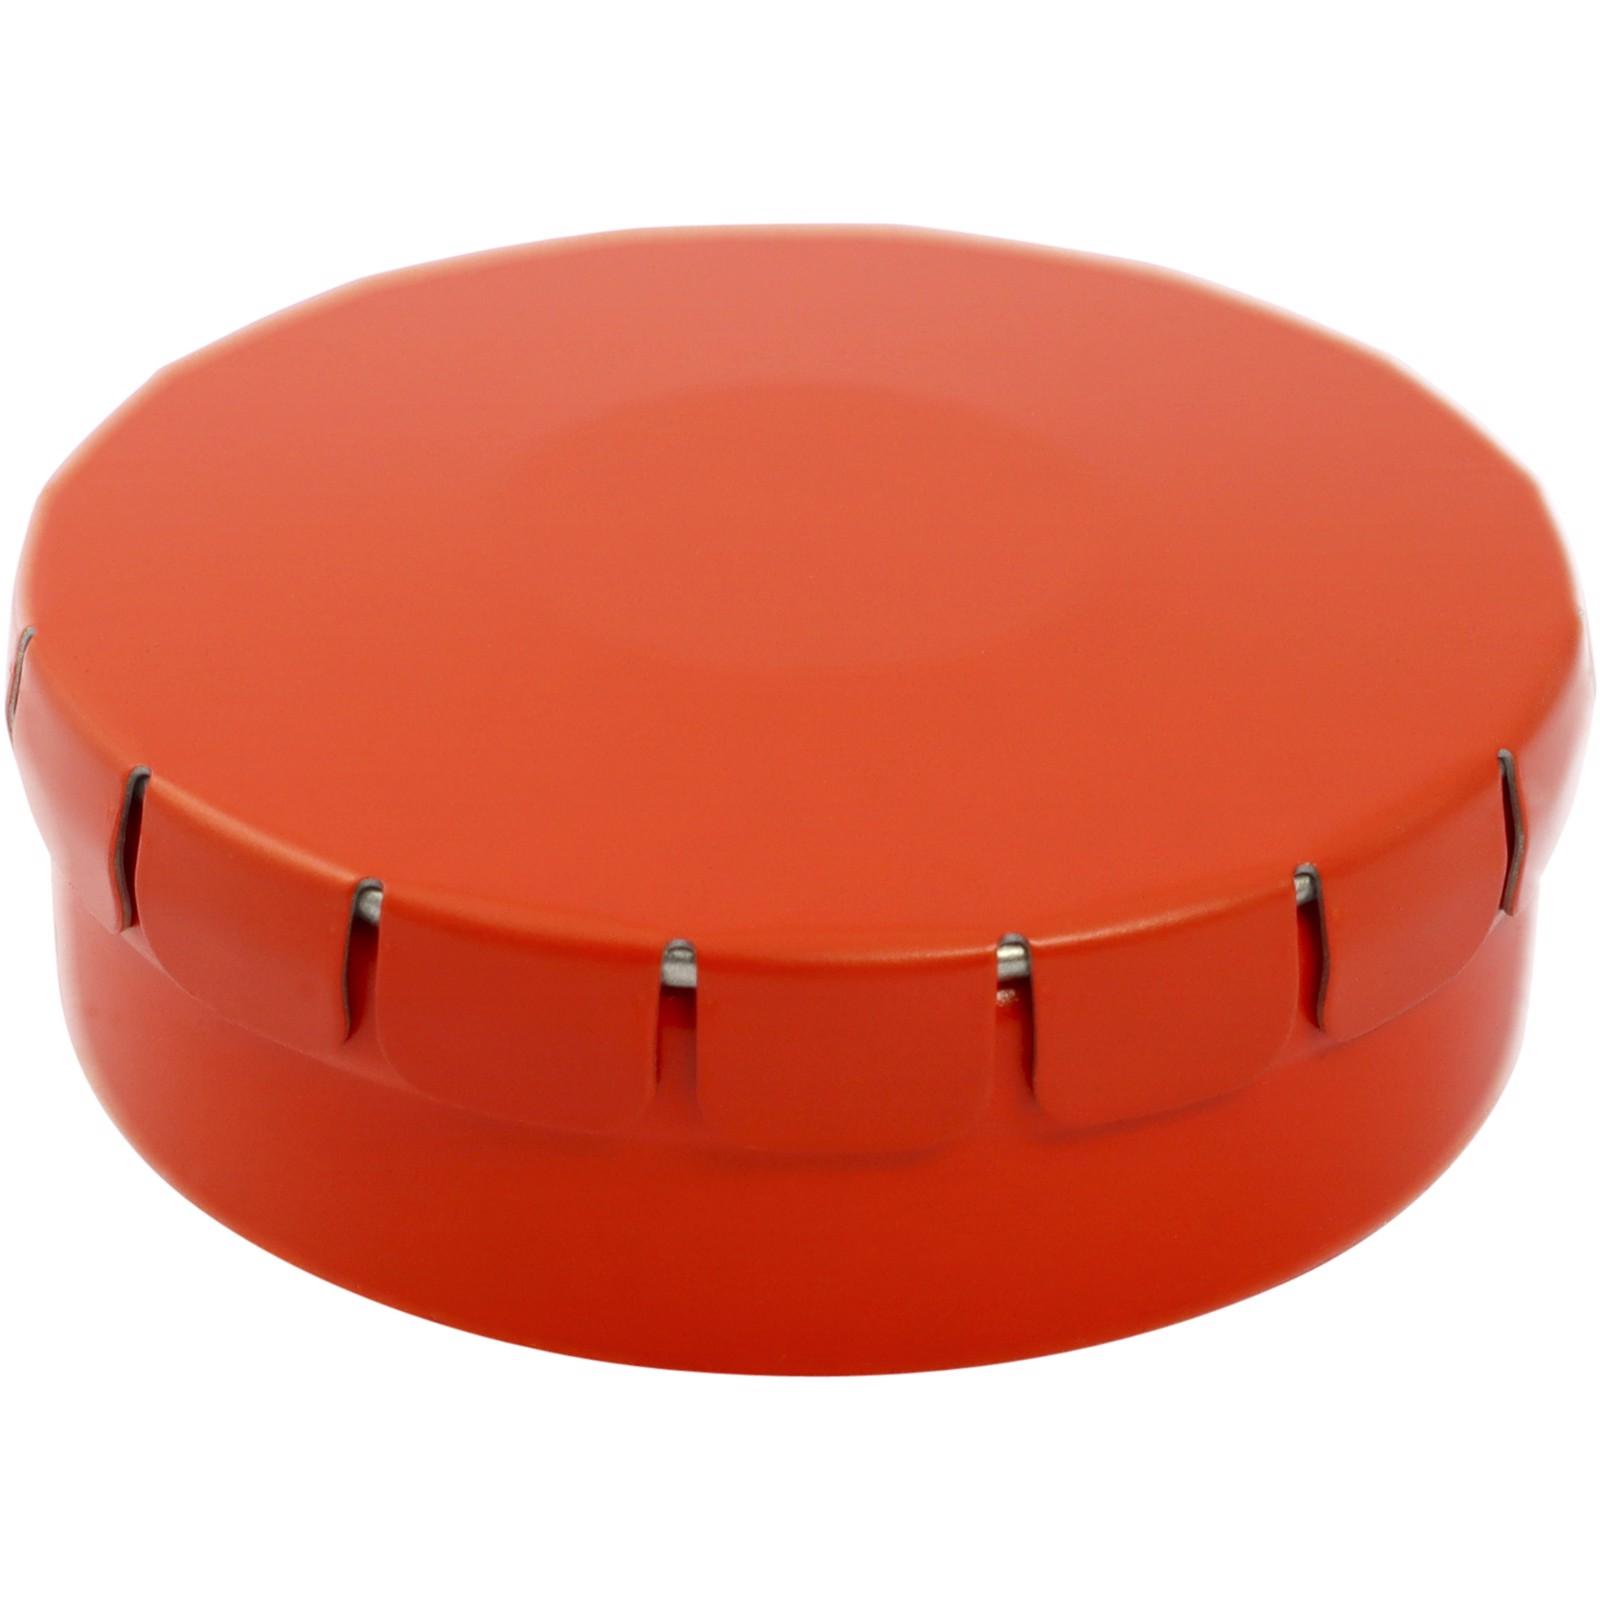 Clic clac jahodové bonbony ve tvaru srdíček - 0ranžová